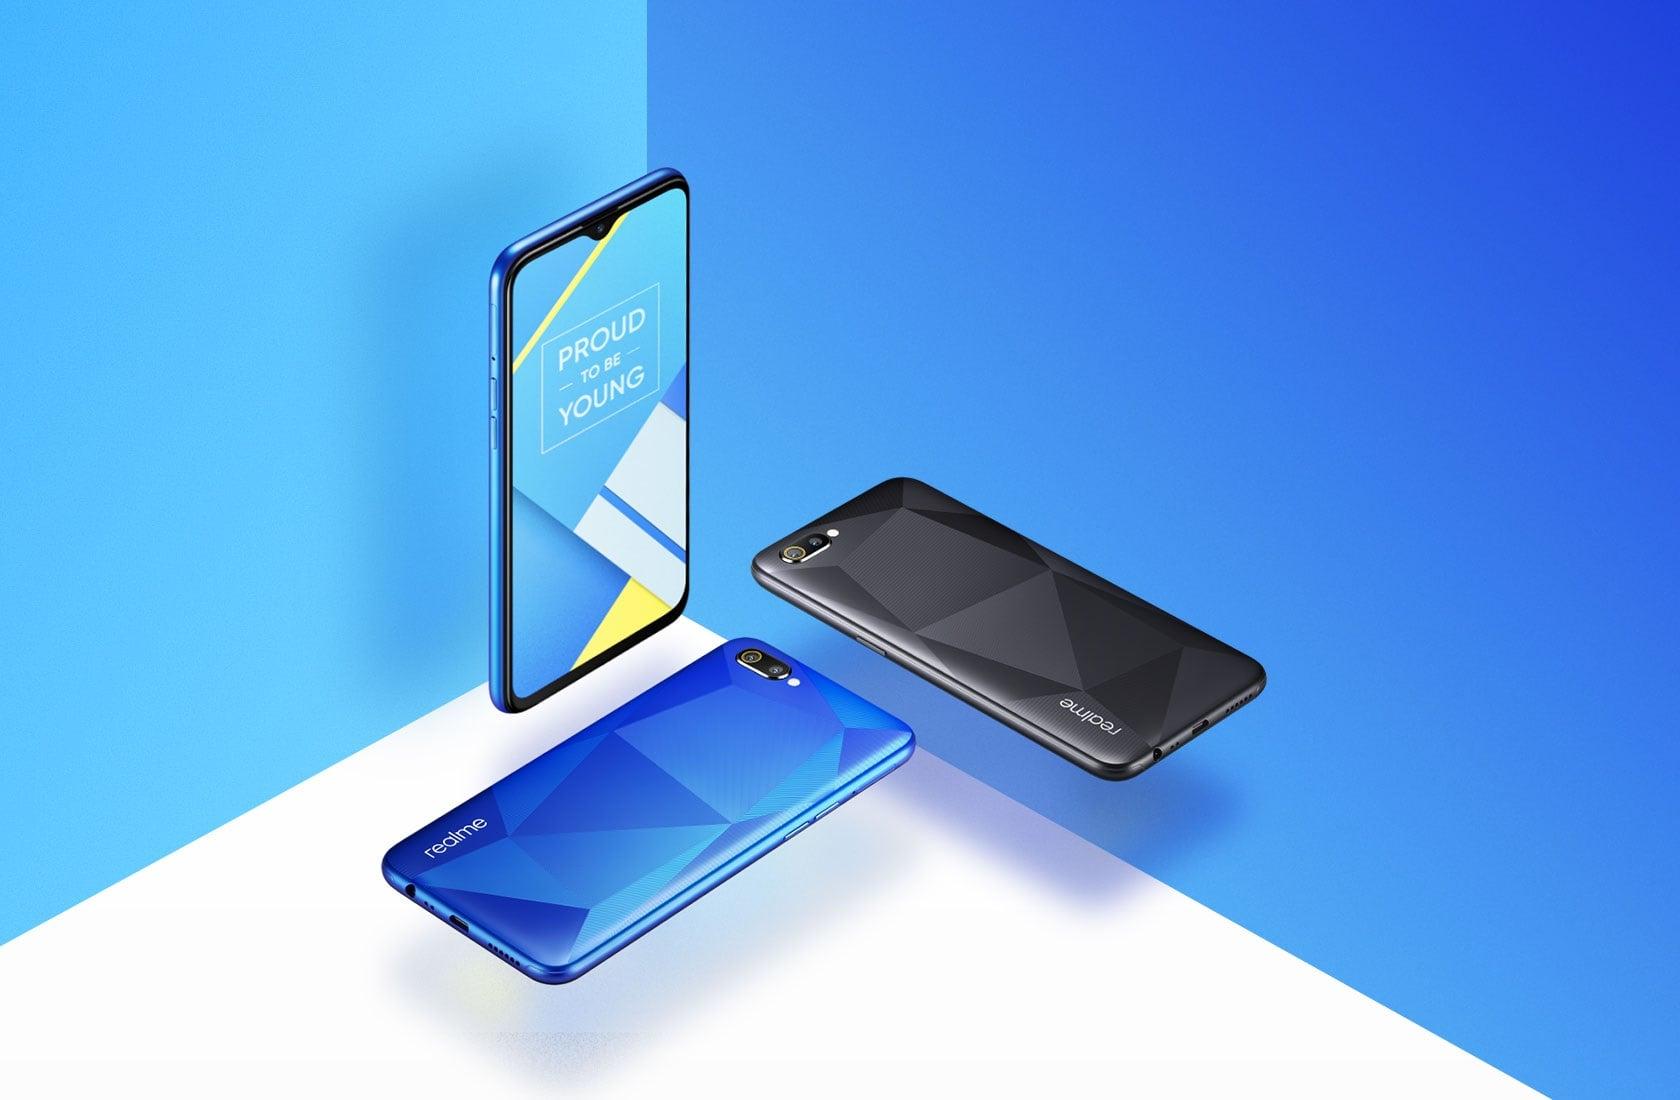 Smartfony Realme będą wkrótce dostępne w Europie. Xiaomi ma się czego bać? 23